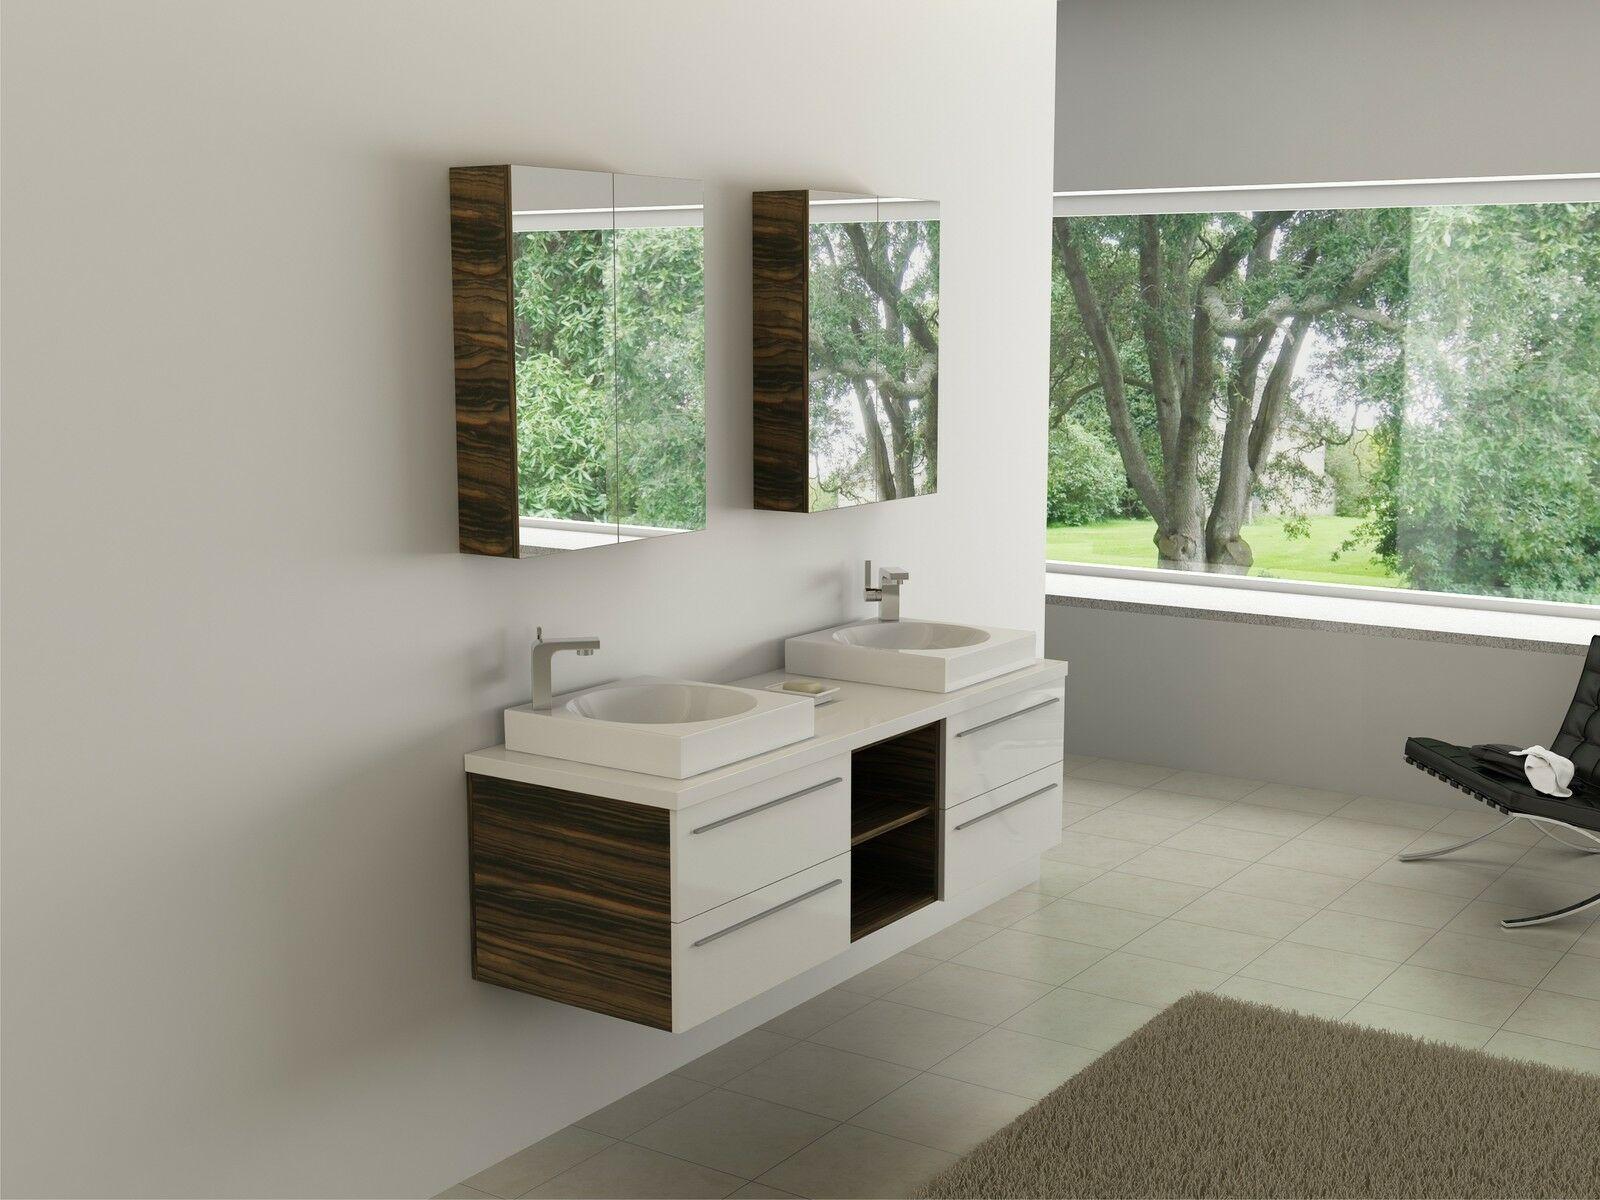 Badmobel Set Badezimmer Waschbecken Badschrank Waschtisch Gaste Wc Badregal In 2020 Badezimmer Waschbecken Badschrank Badregale